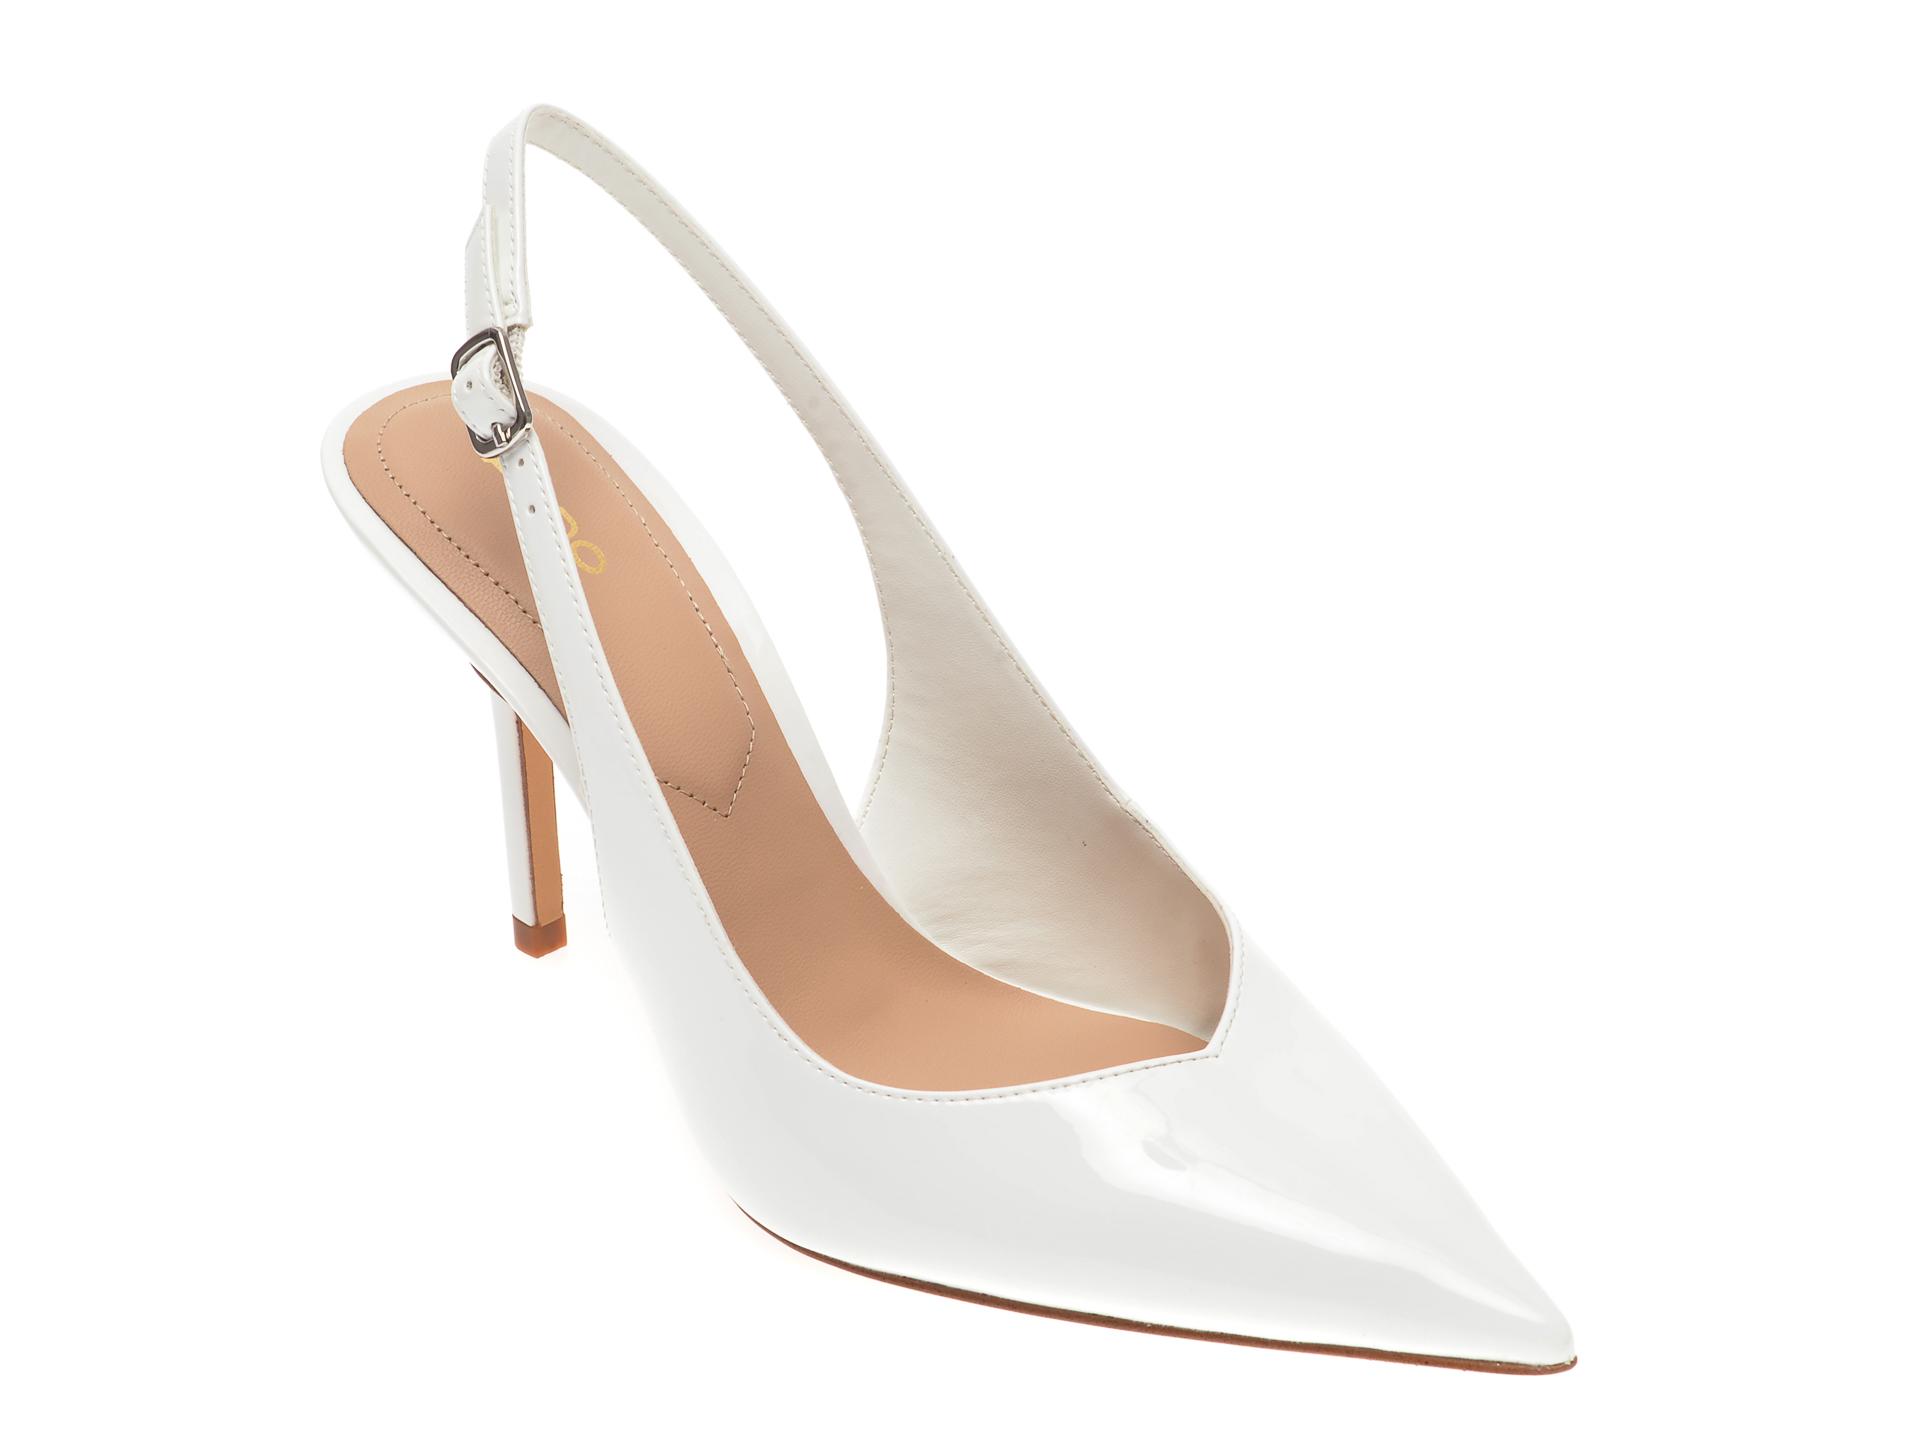 Pantofi ALDO albi, Julietta100, din piele ecologica imagine otter.ro 2021